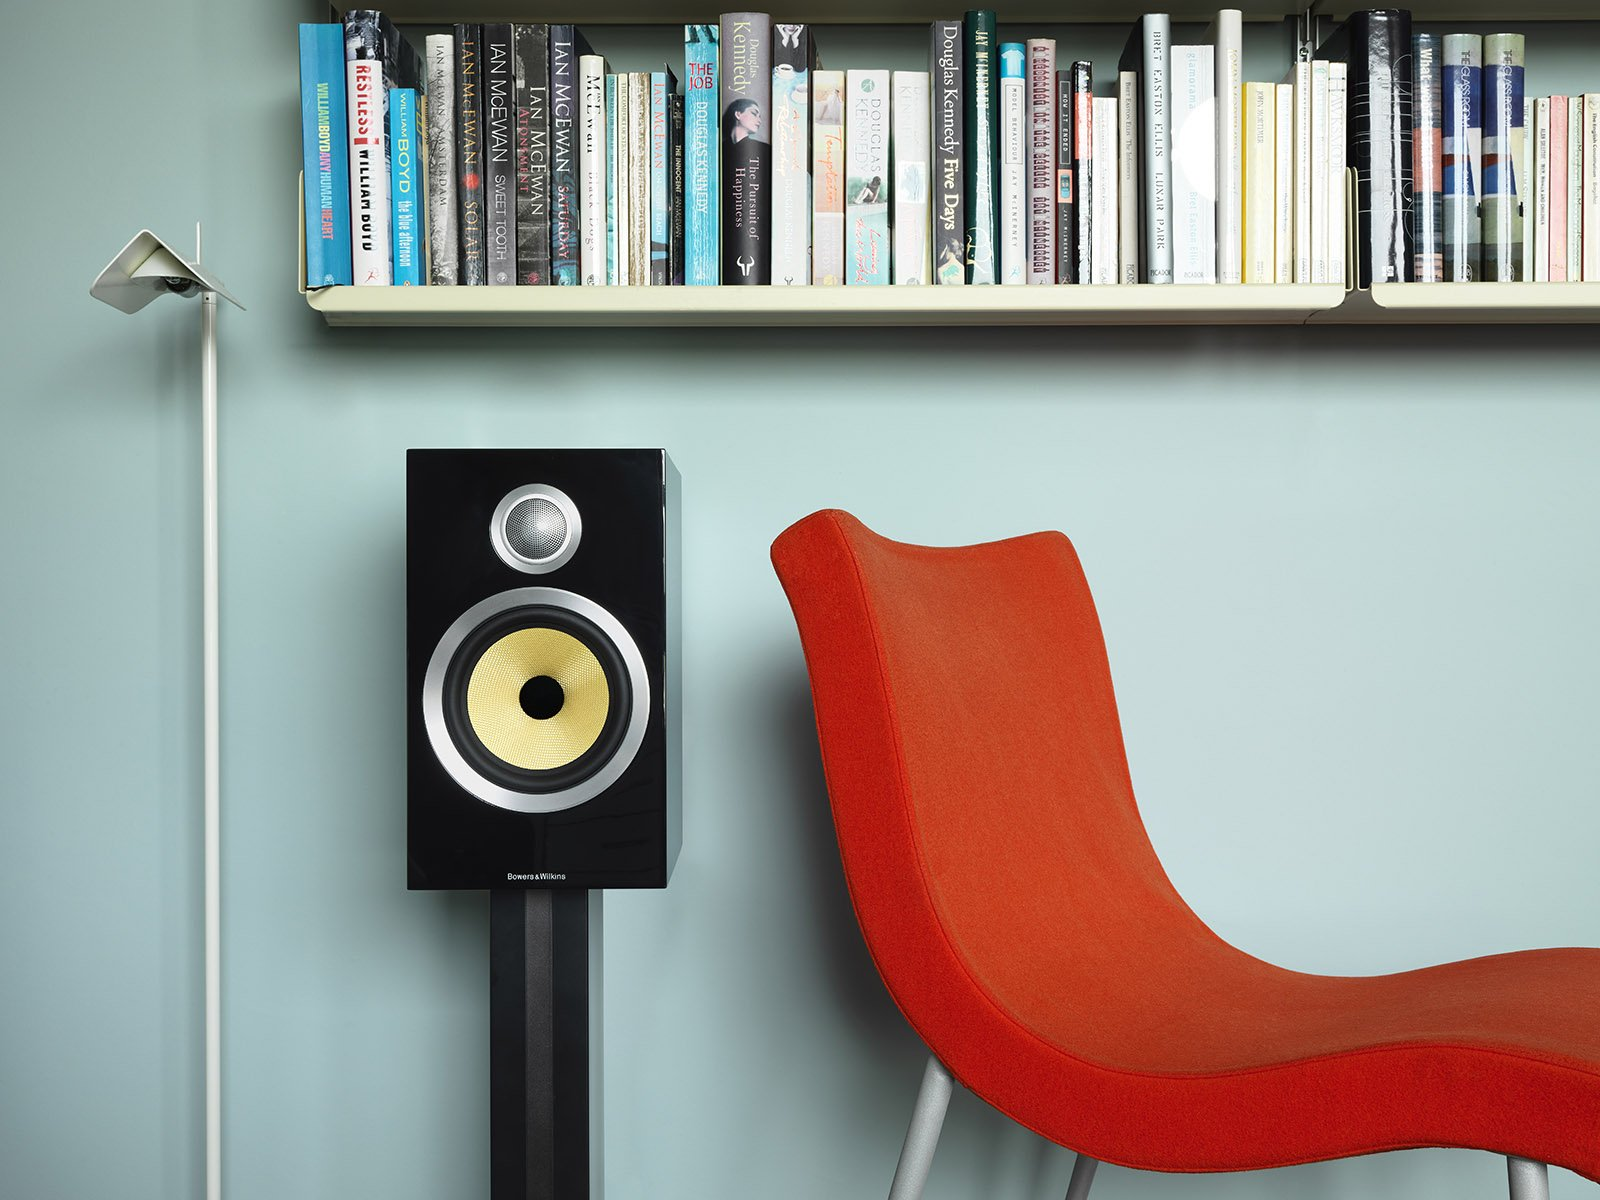 5bowerswilkins cm5 casse audio cose di casa - Casse audio per casa ...